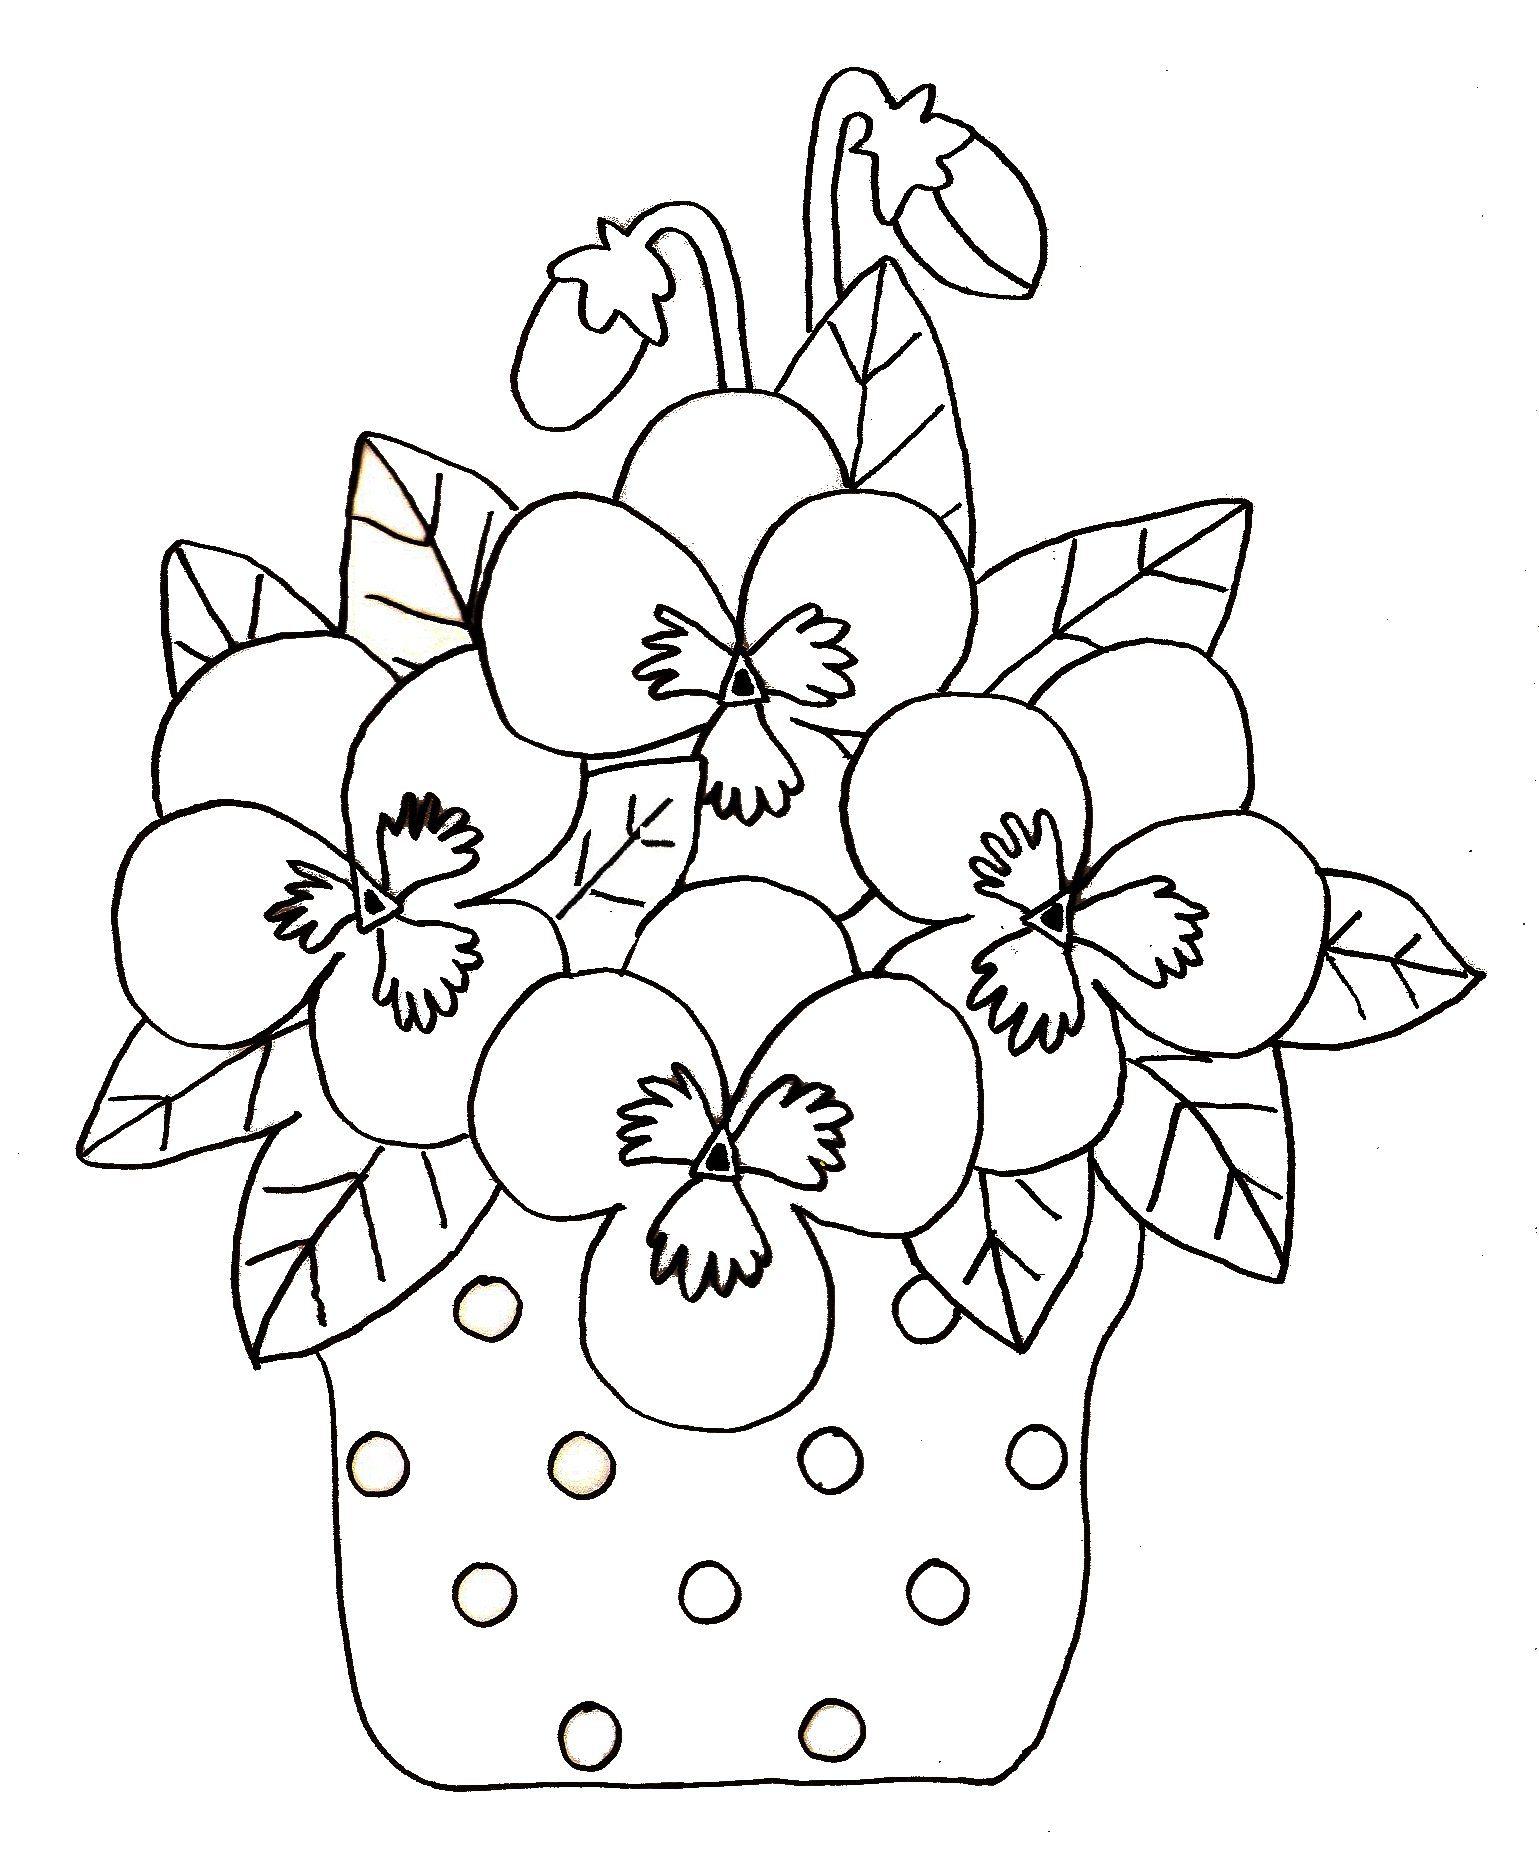 98 dessins de coloriage printemps fleurs imprimer - Coloriage de fleur ...